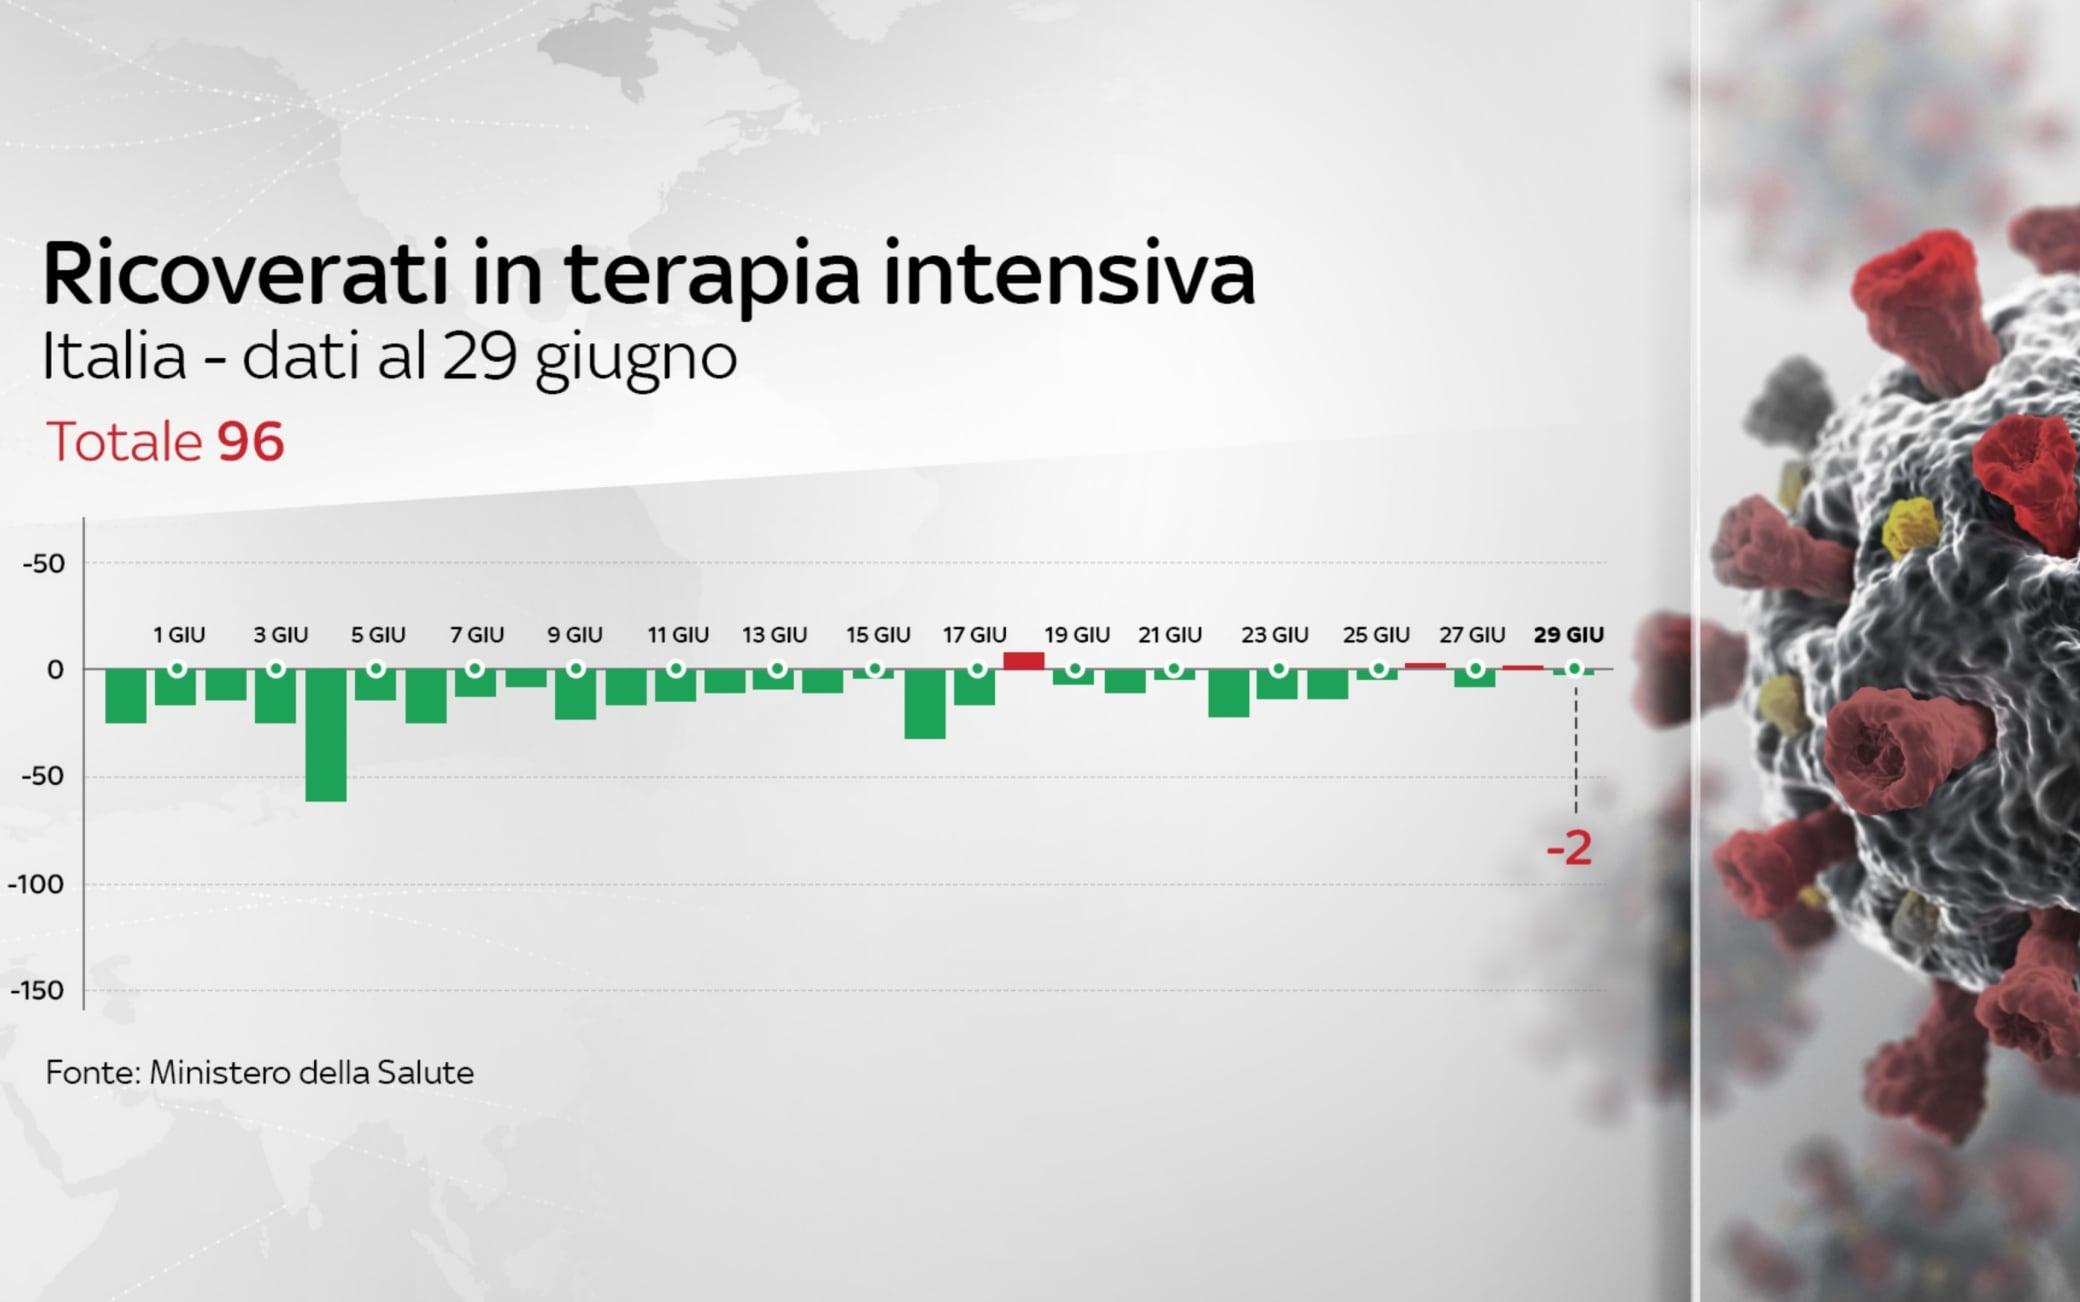 terapia intensiva 29 giugno coronavirus italia